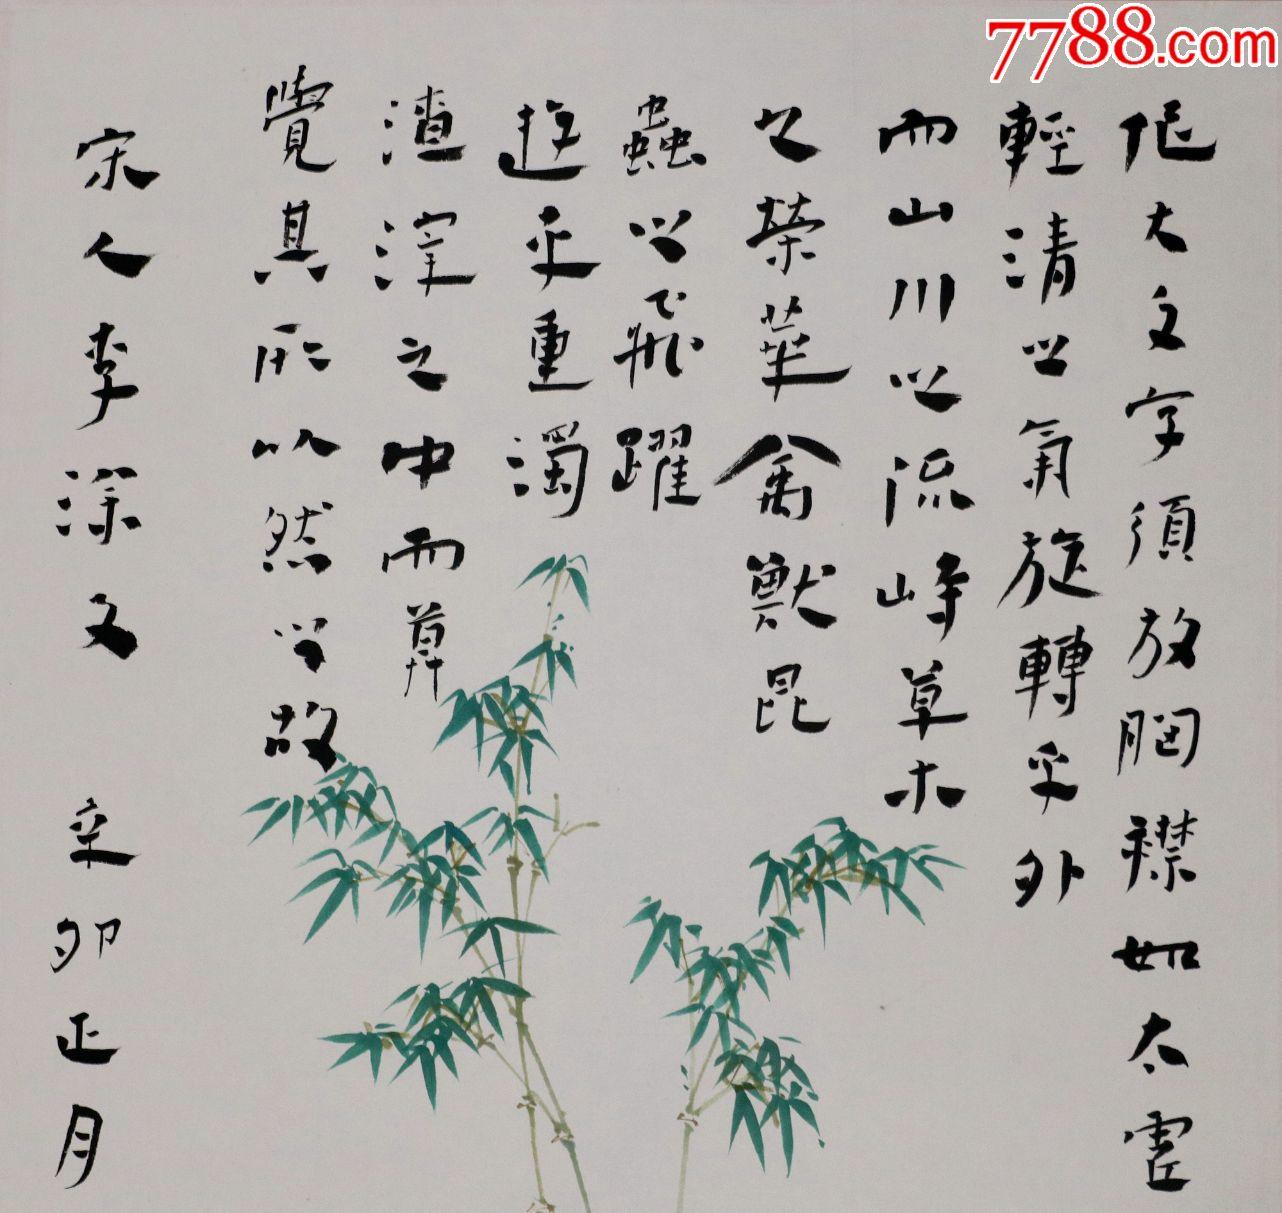 福建省书法家协会副主席朱以撒花卉真迹图片